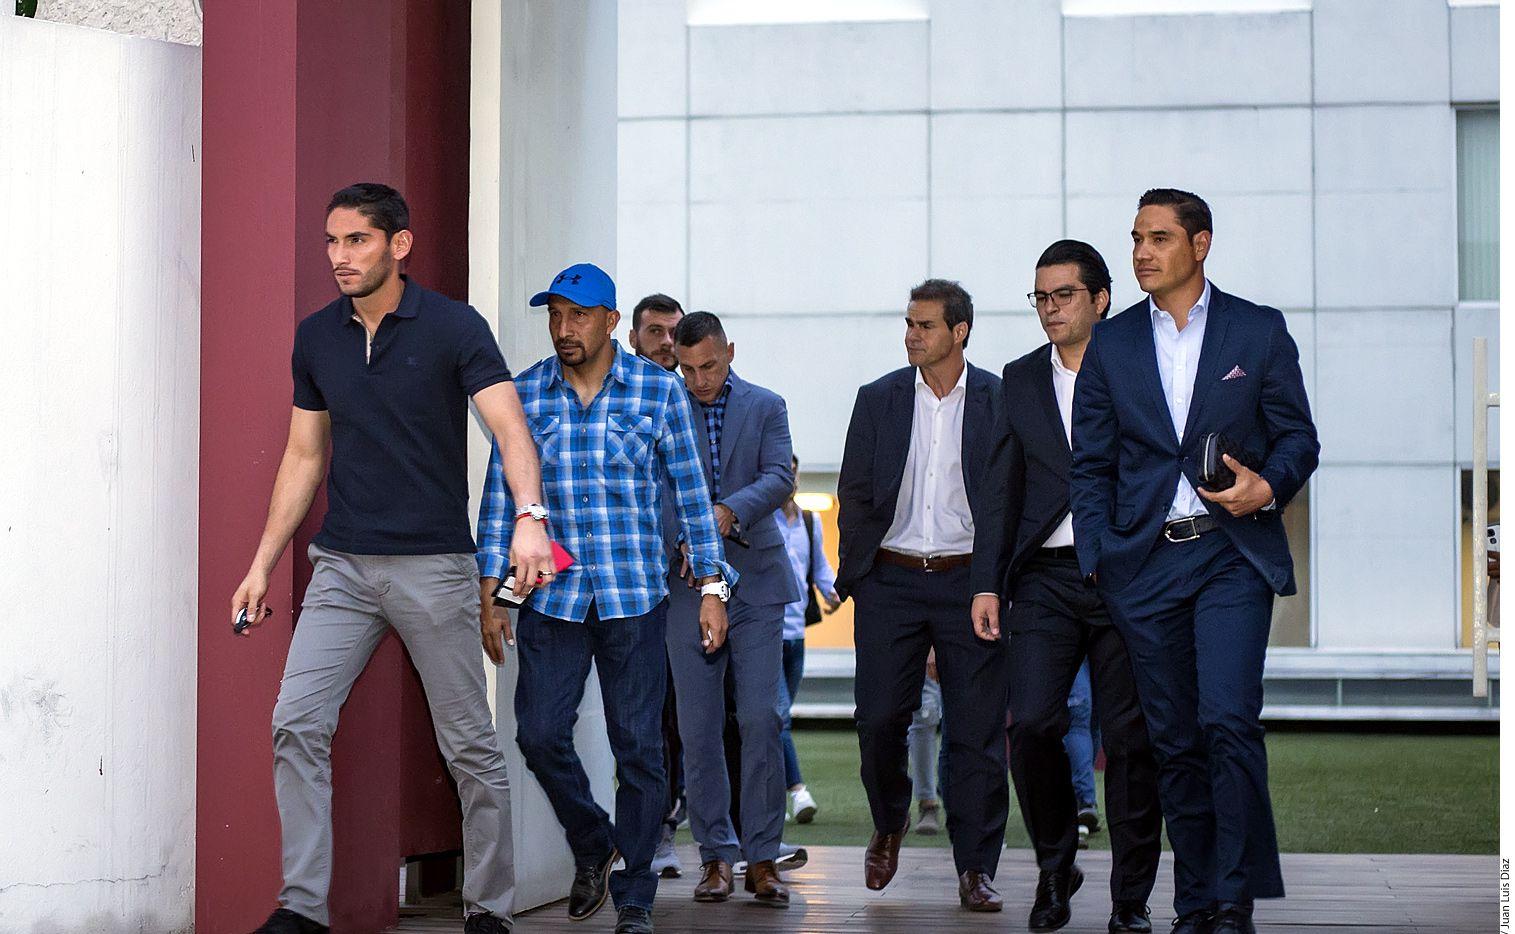 Jugadores mexicanos salen de la reunión con directivos de la Liga MX. Foto AGENCIA REFORMA